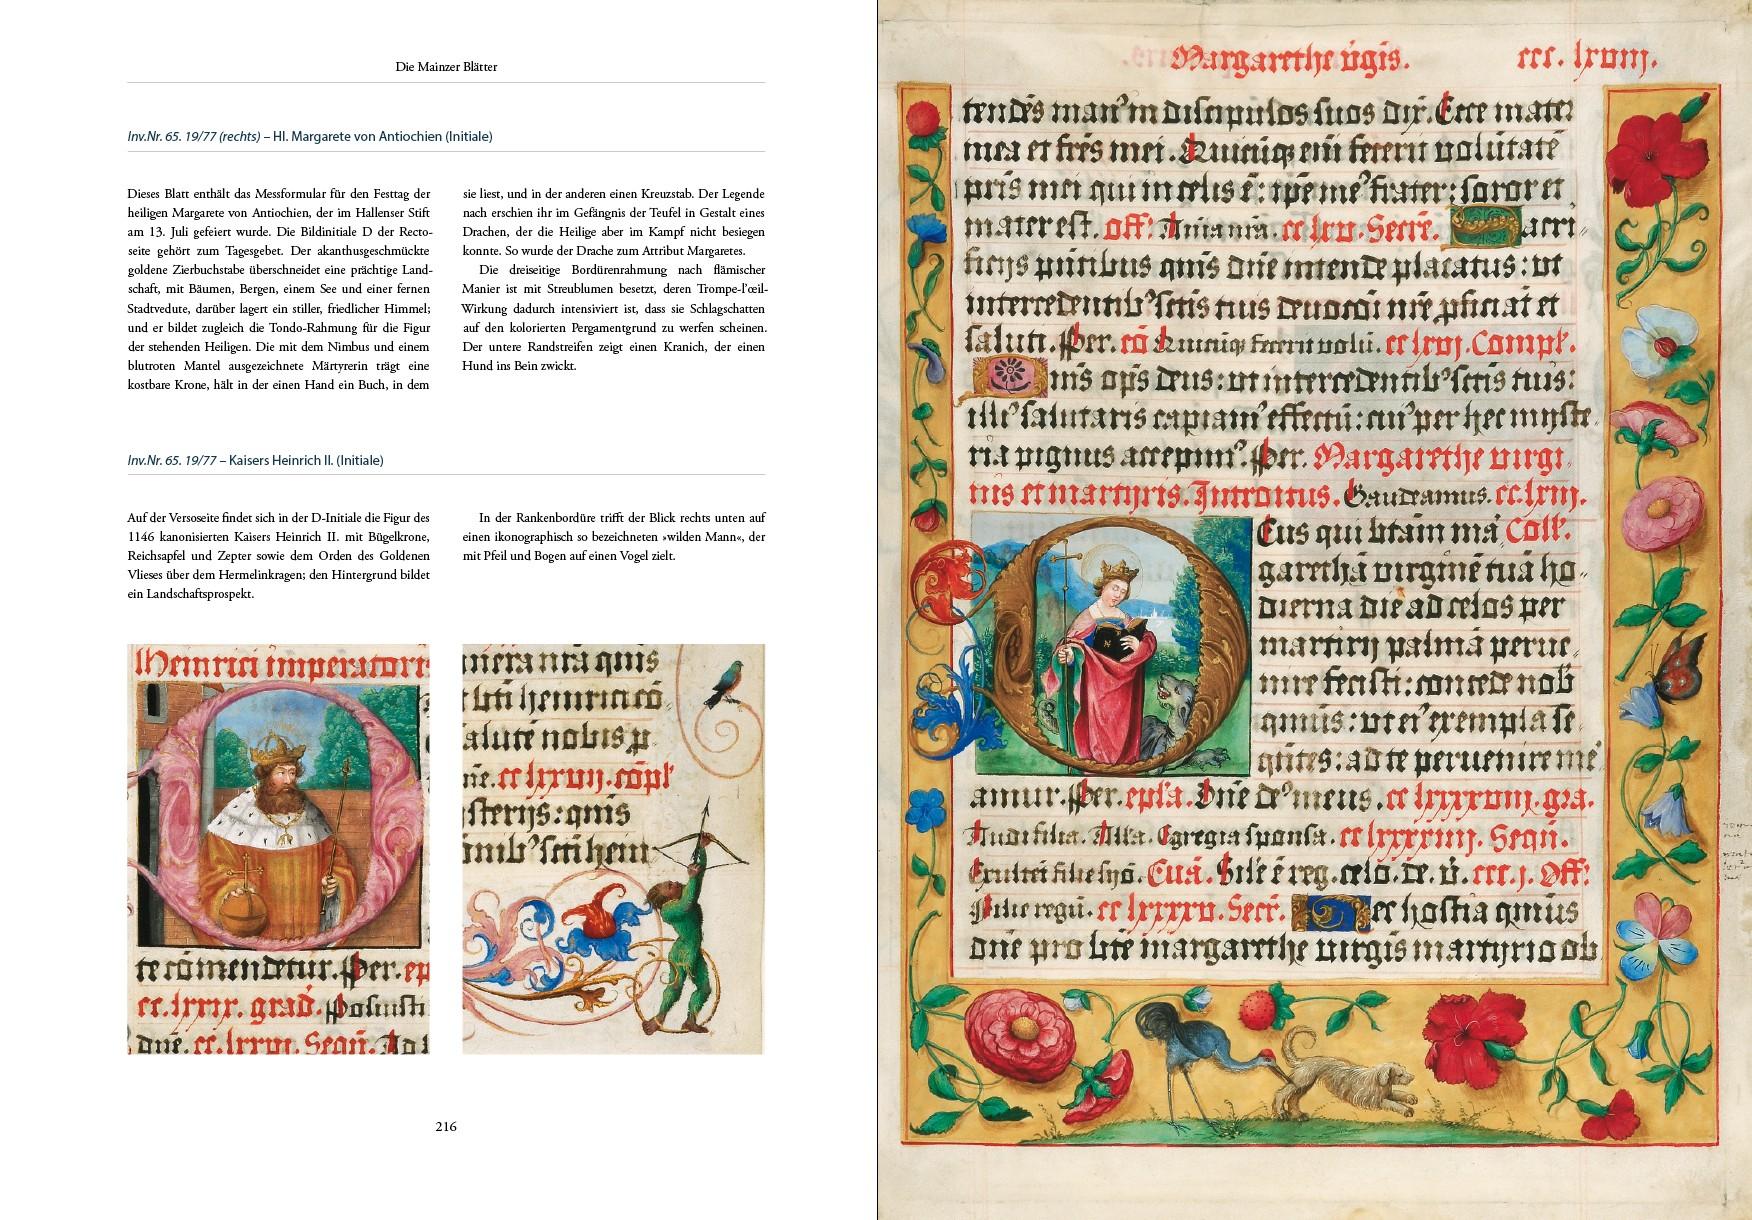 Missale Albrechts von Brandenburg, Kunstbuch-Edition, p. 216-217